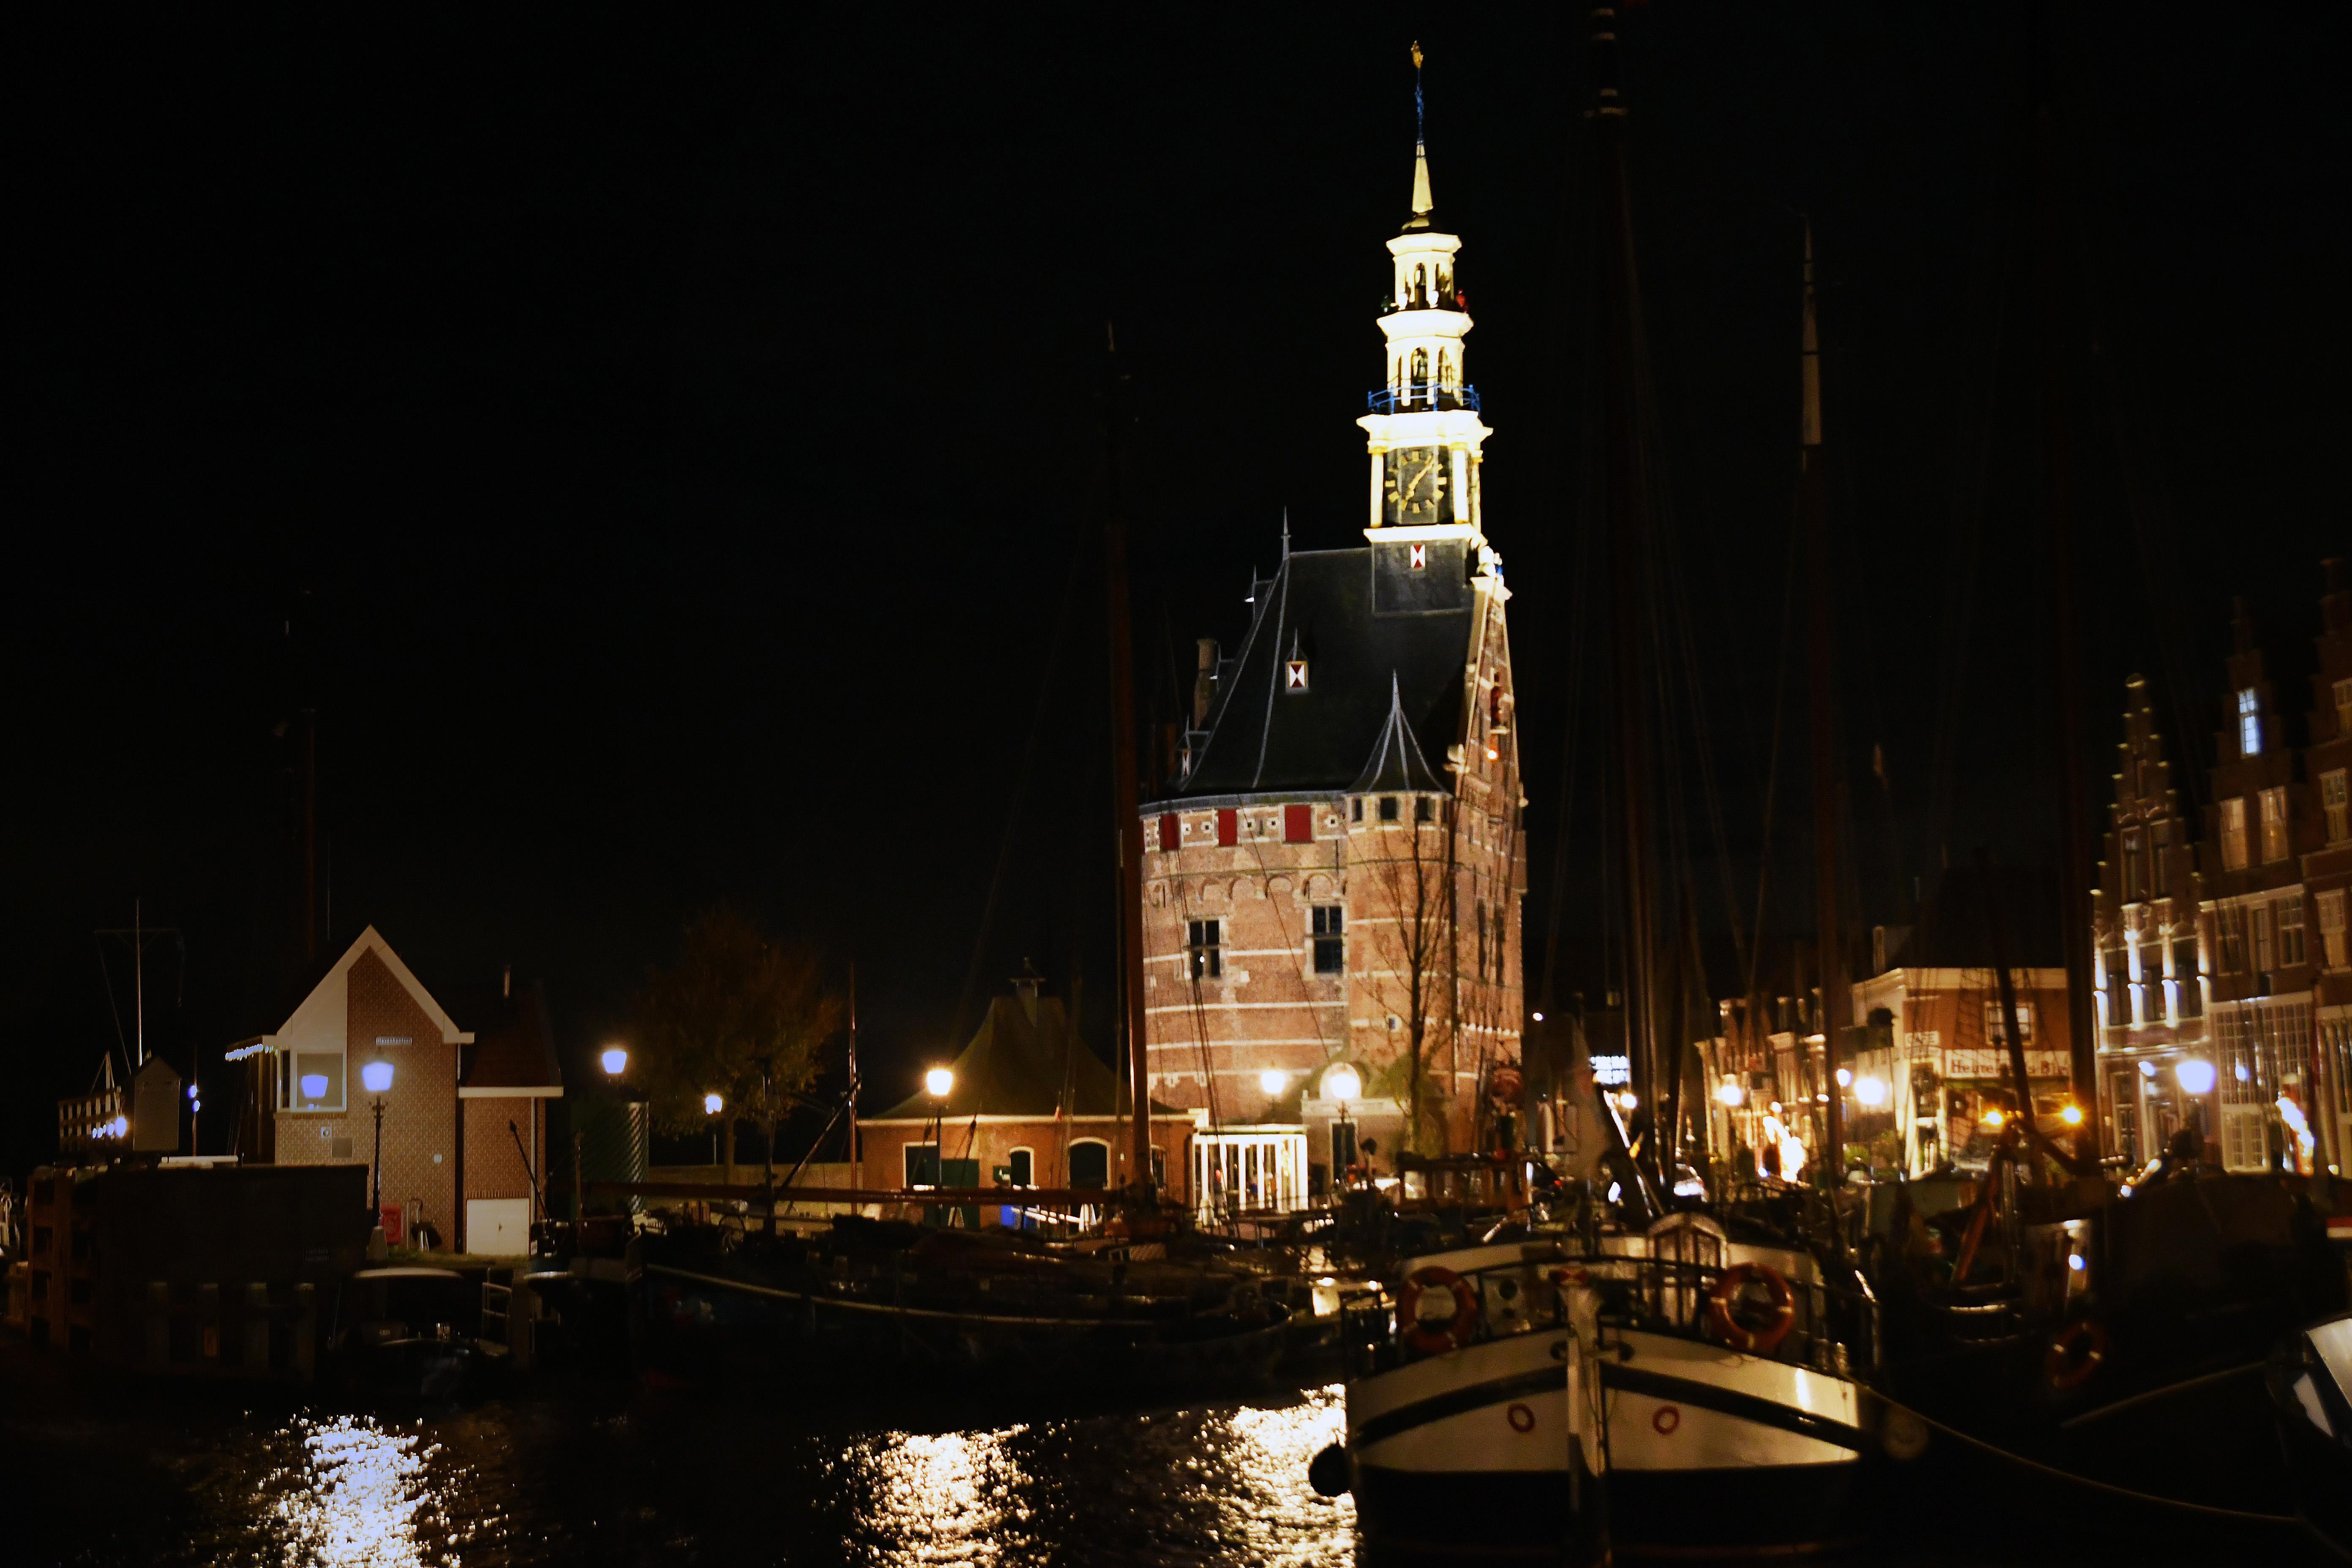 Mooi aangelichte Hoofdtoren in Hoorn en Hervormde Kerk in Westerblokker als 'lichtpuntjes voor de feestdagen'